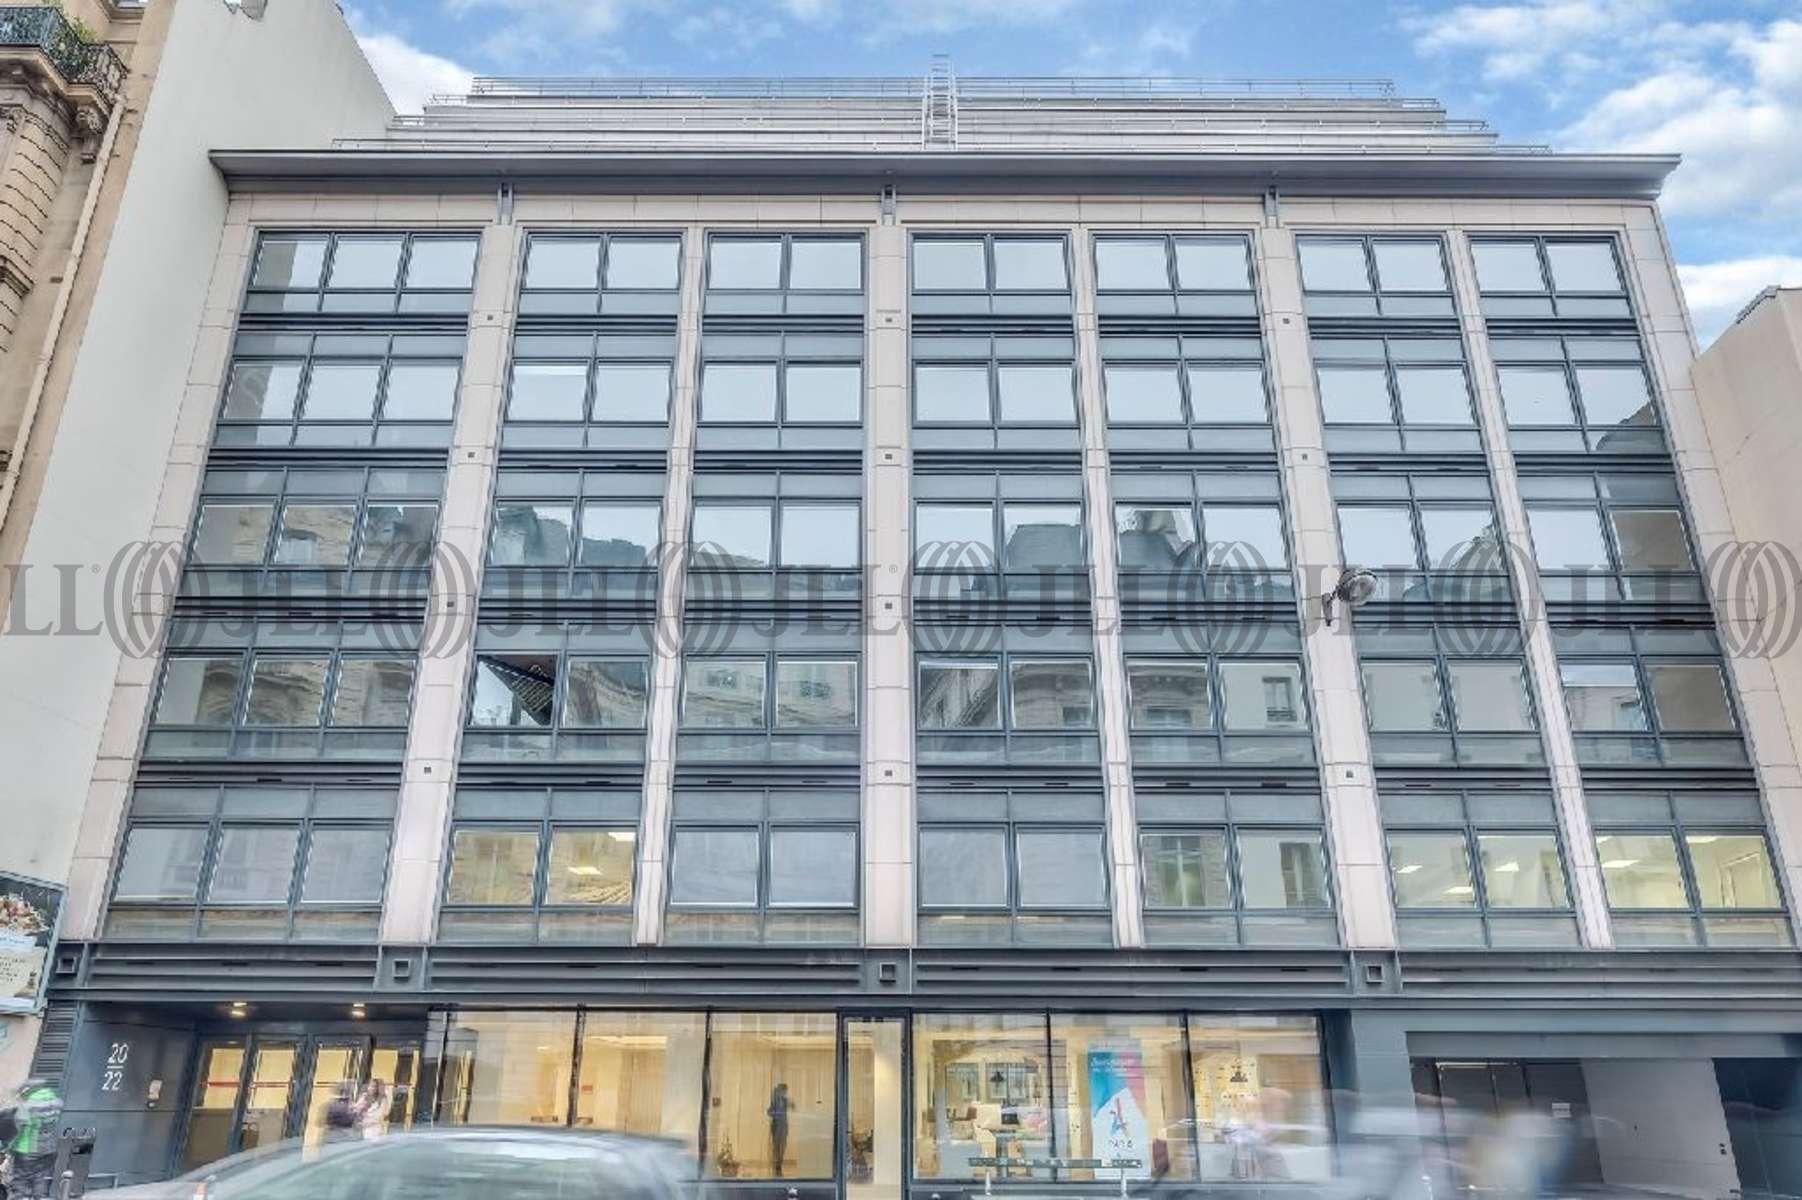 bureaux louer 20 22 rue de clichy 75009 paris 56830 jll. Black Bedroom Furniture Sets. Home Design Ideas